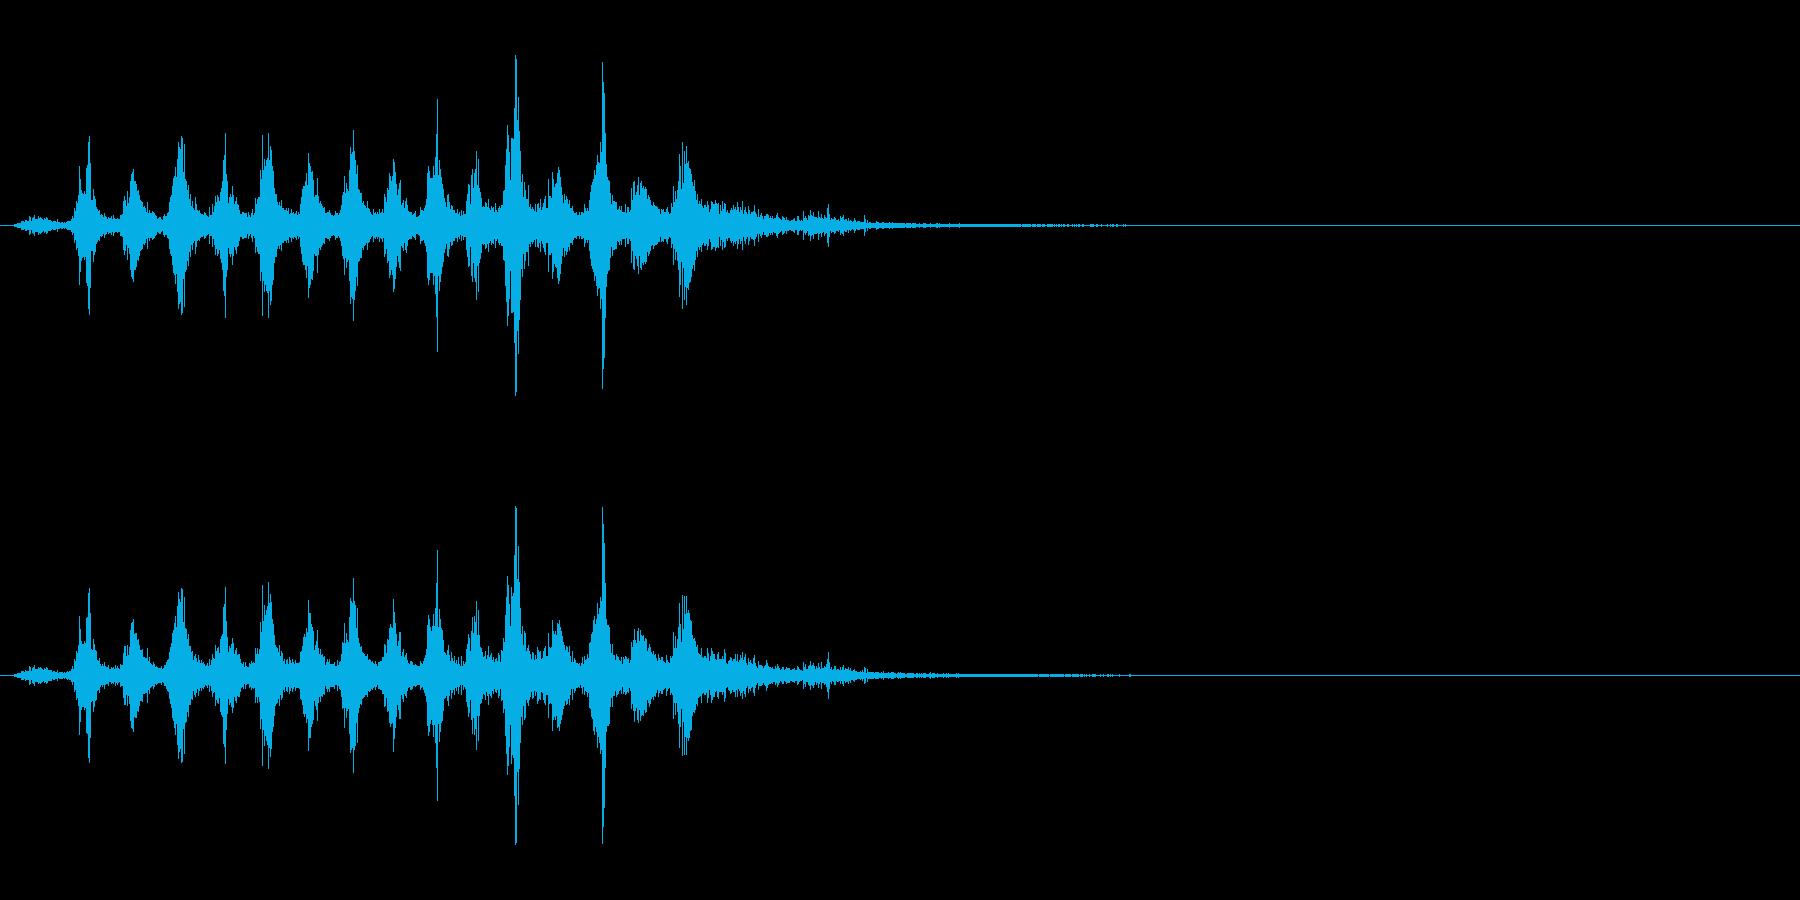 「シャカシャカ」木製シェイカー振り音FXの再生済みの波形